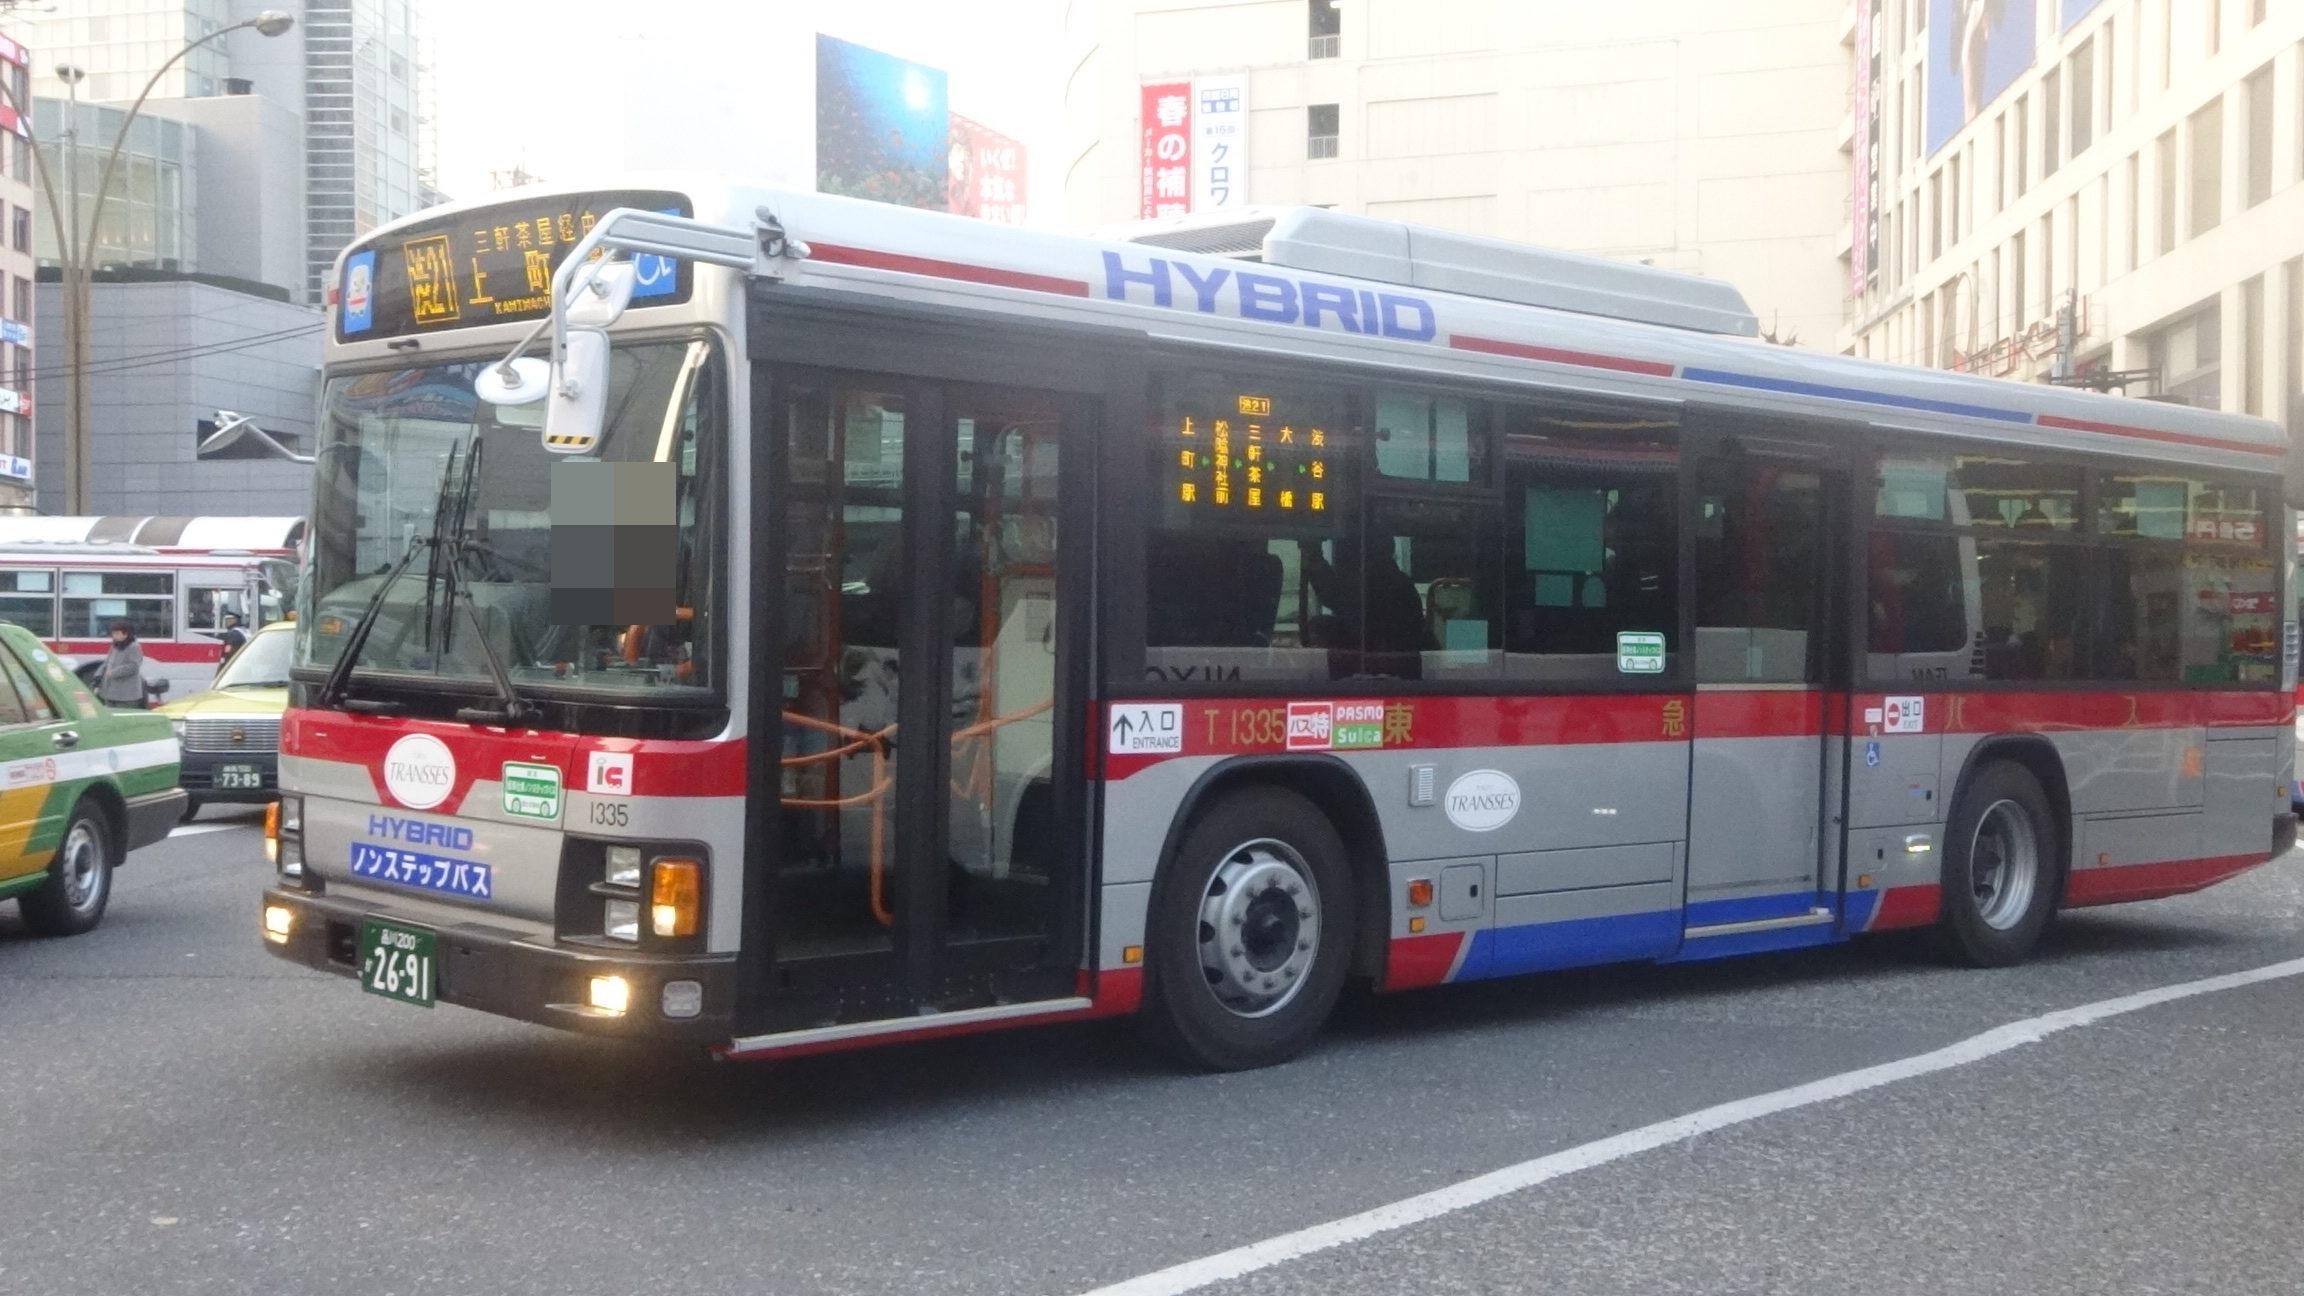 乗り物と旅行のBLOG 東急バス T1...